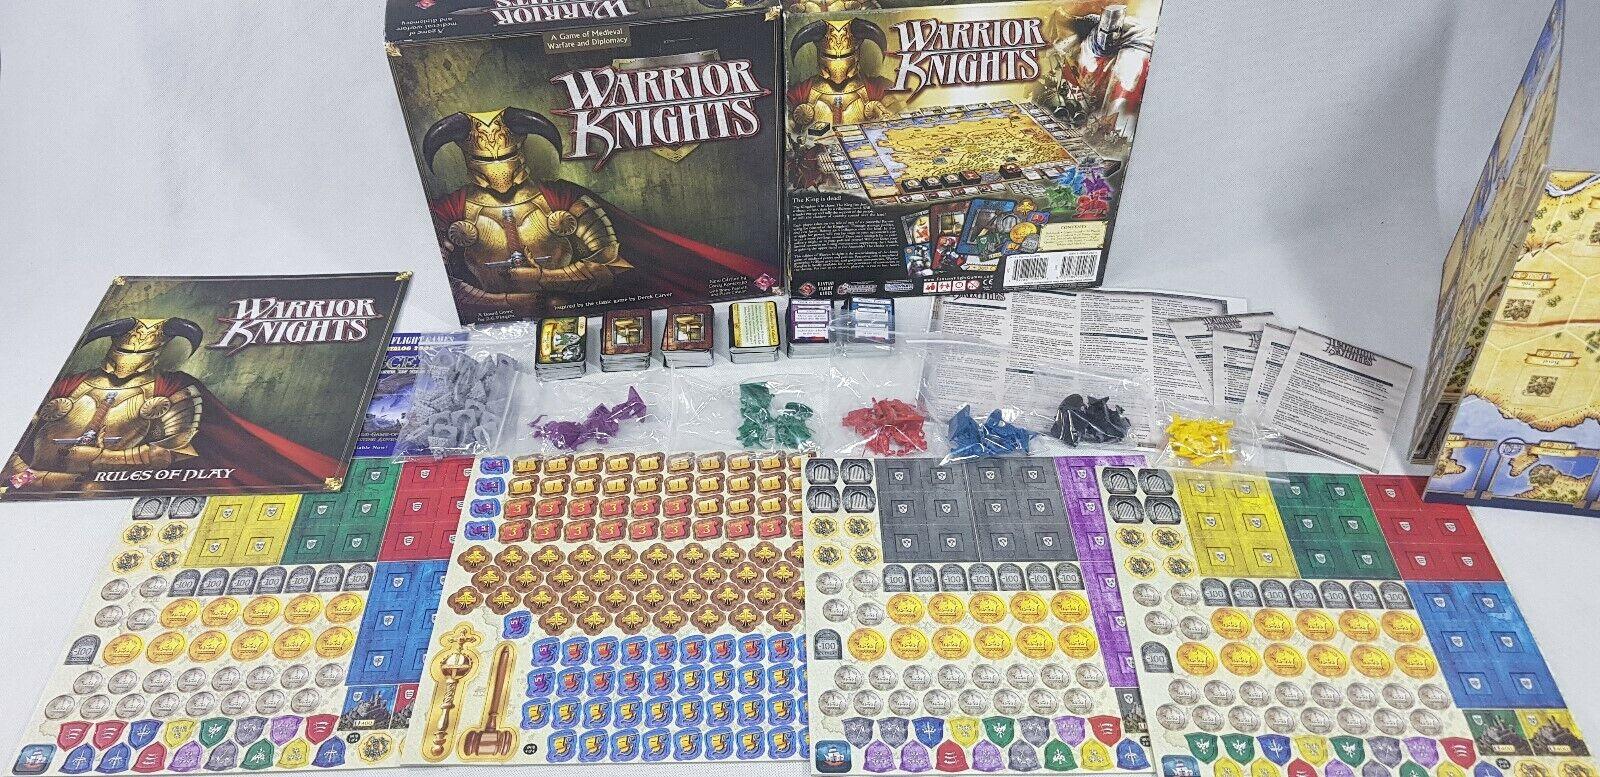 FFG-chevaliers guerriers 100% complet jeu de société Non Perforé Inutilisé